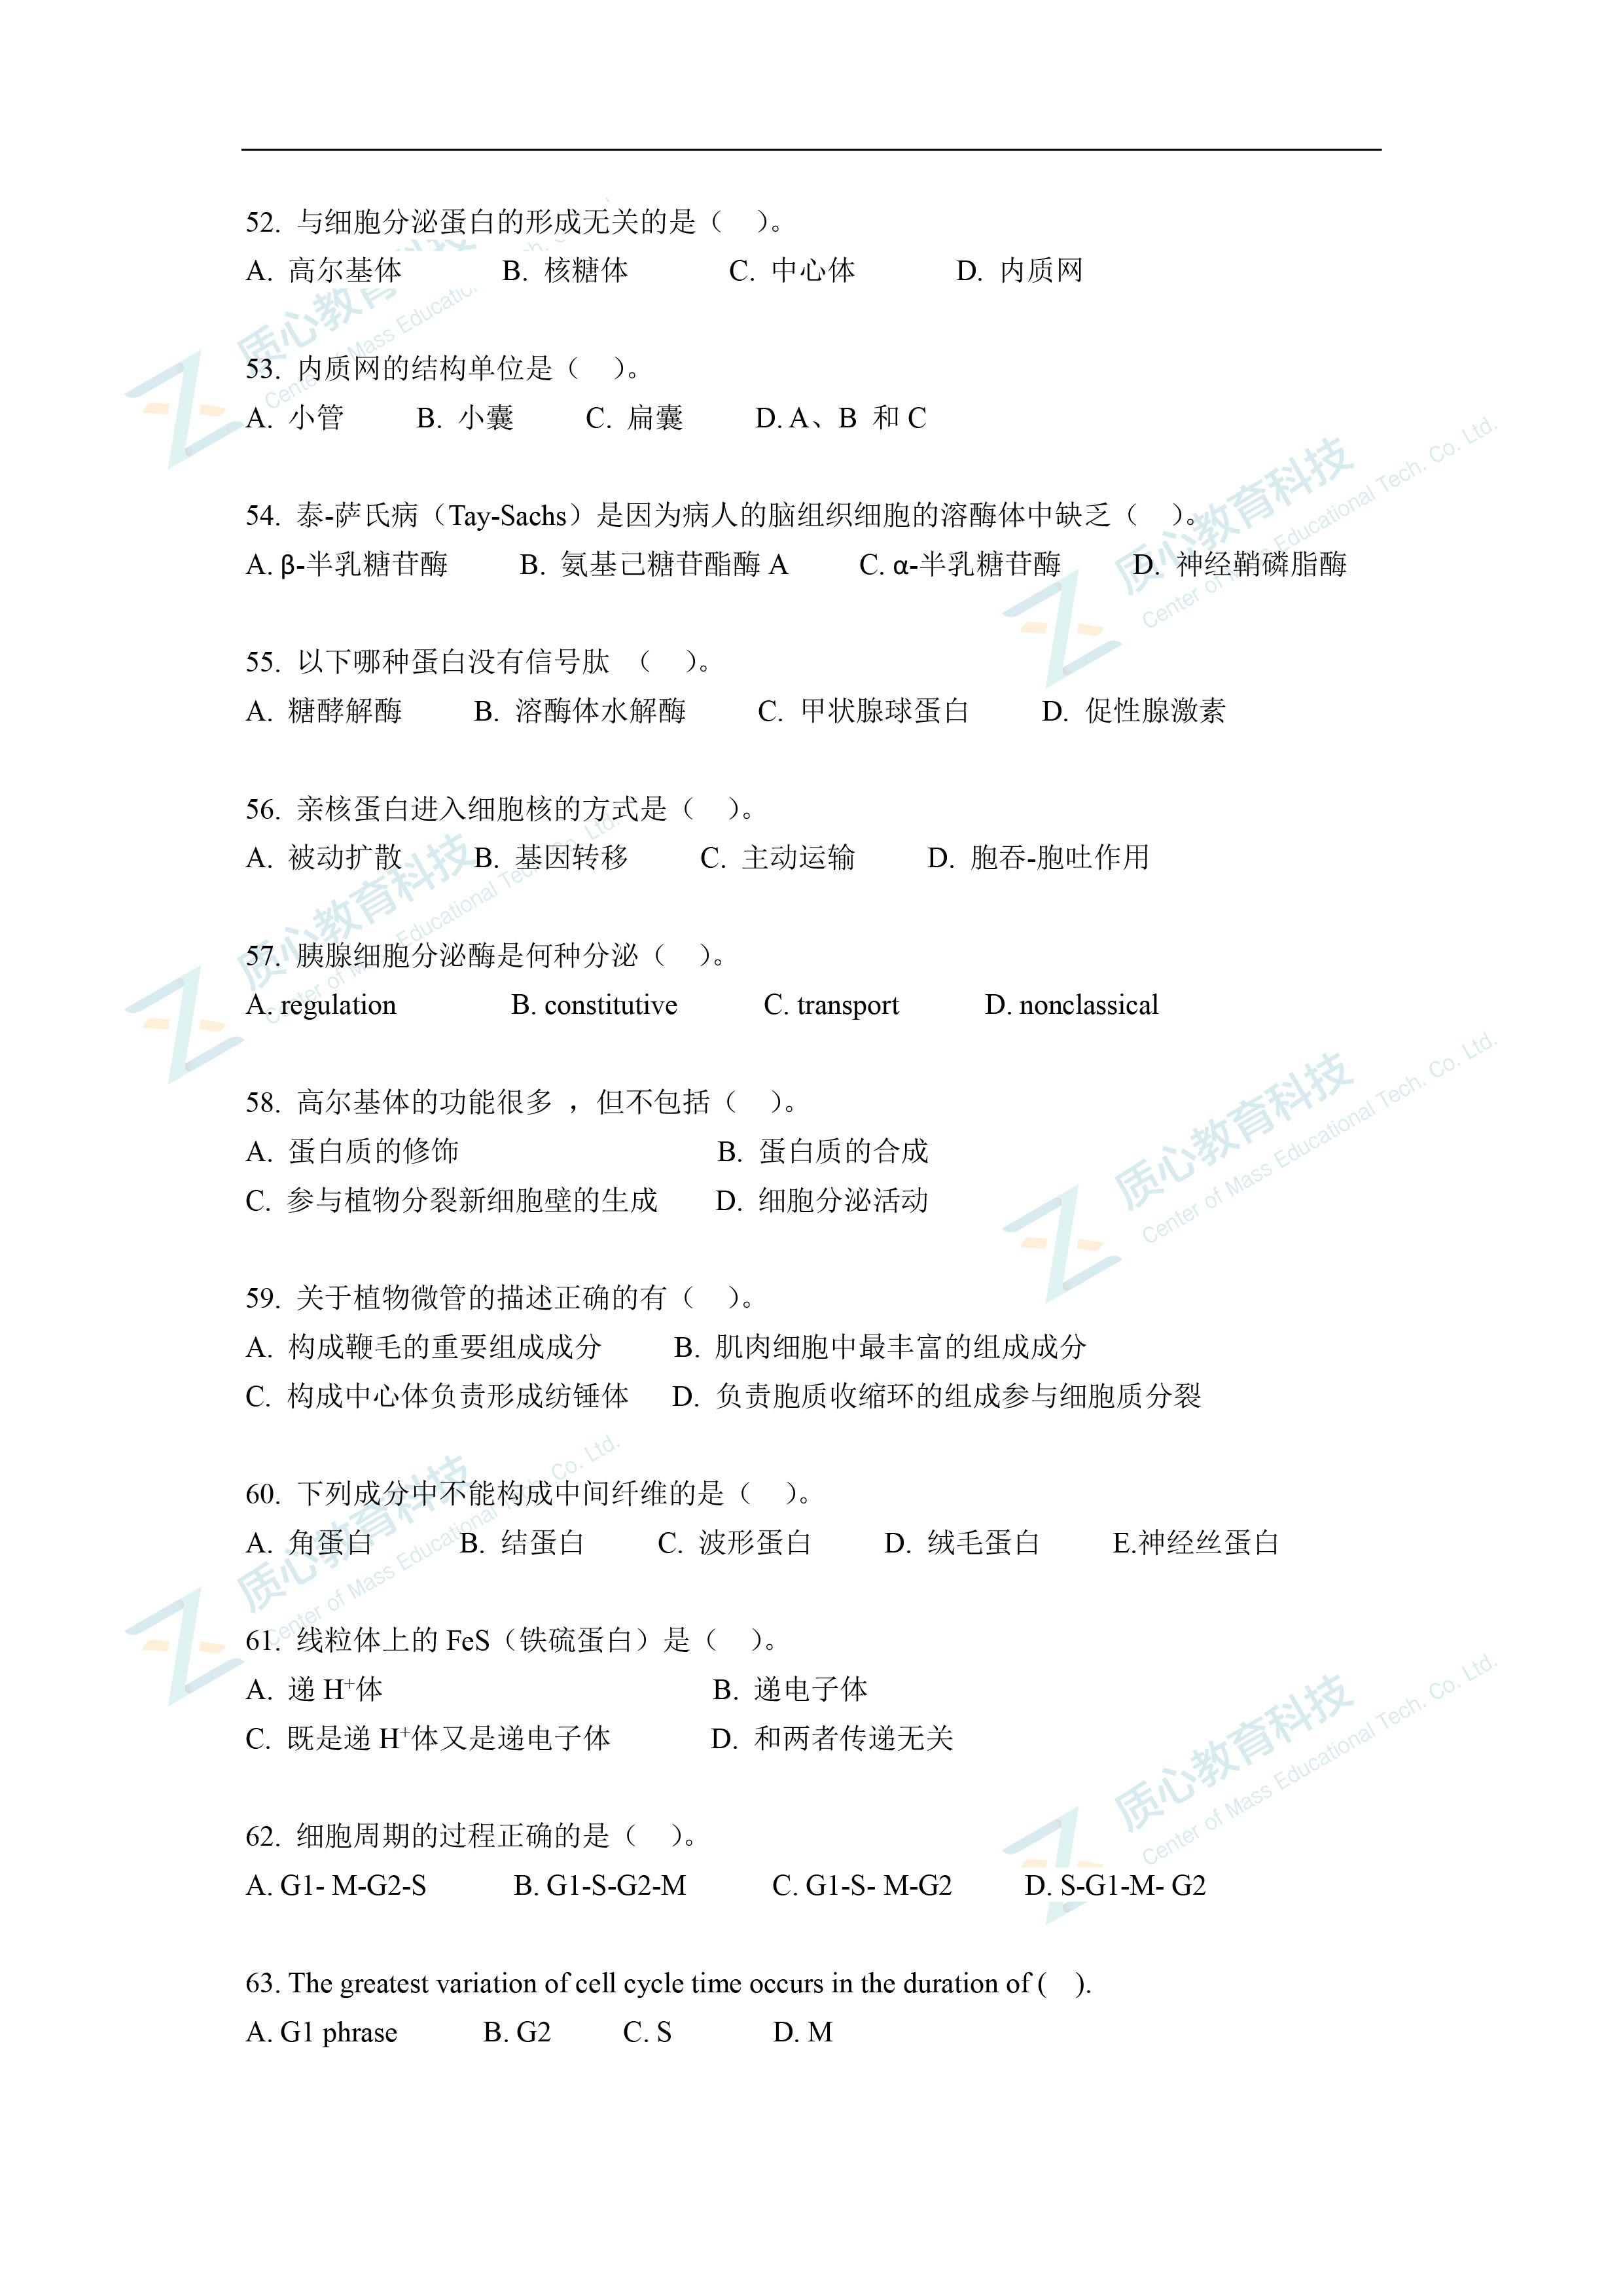 02-2015清华金秋营笔试模拟题-6